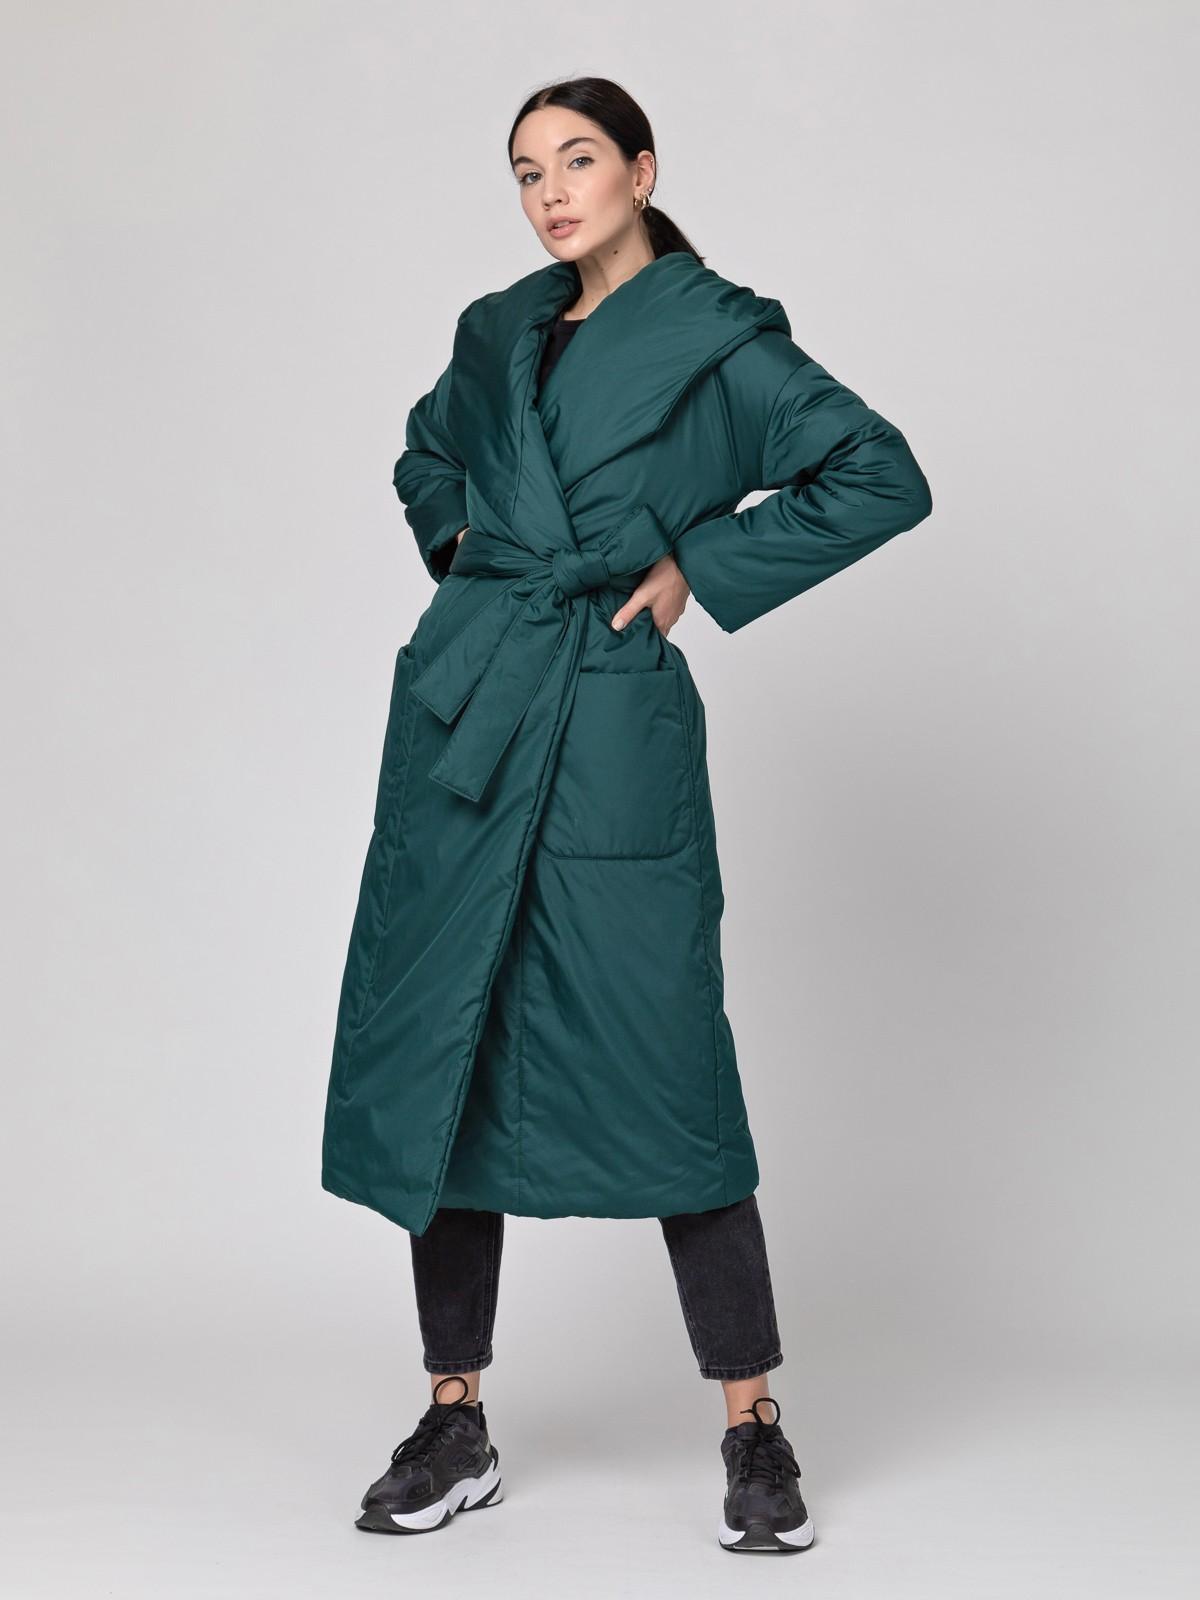 Пуховик-одеяло c капюшоном Emerald